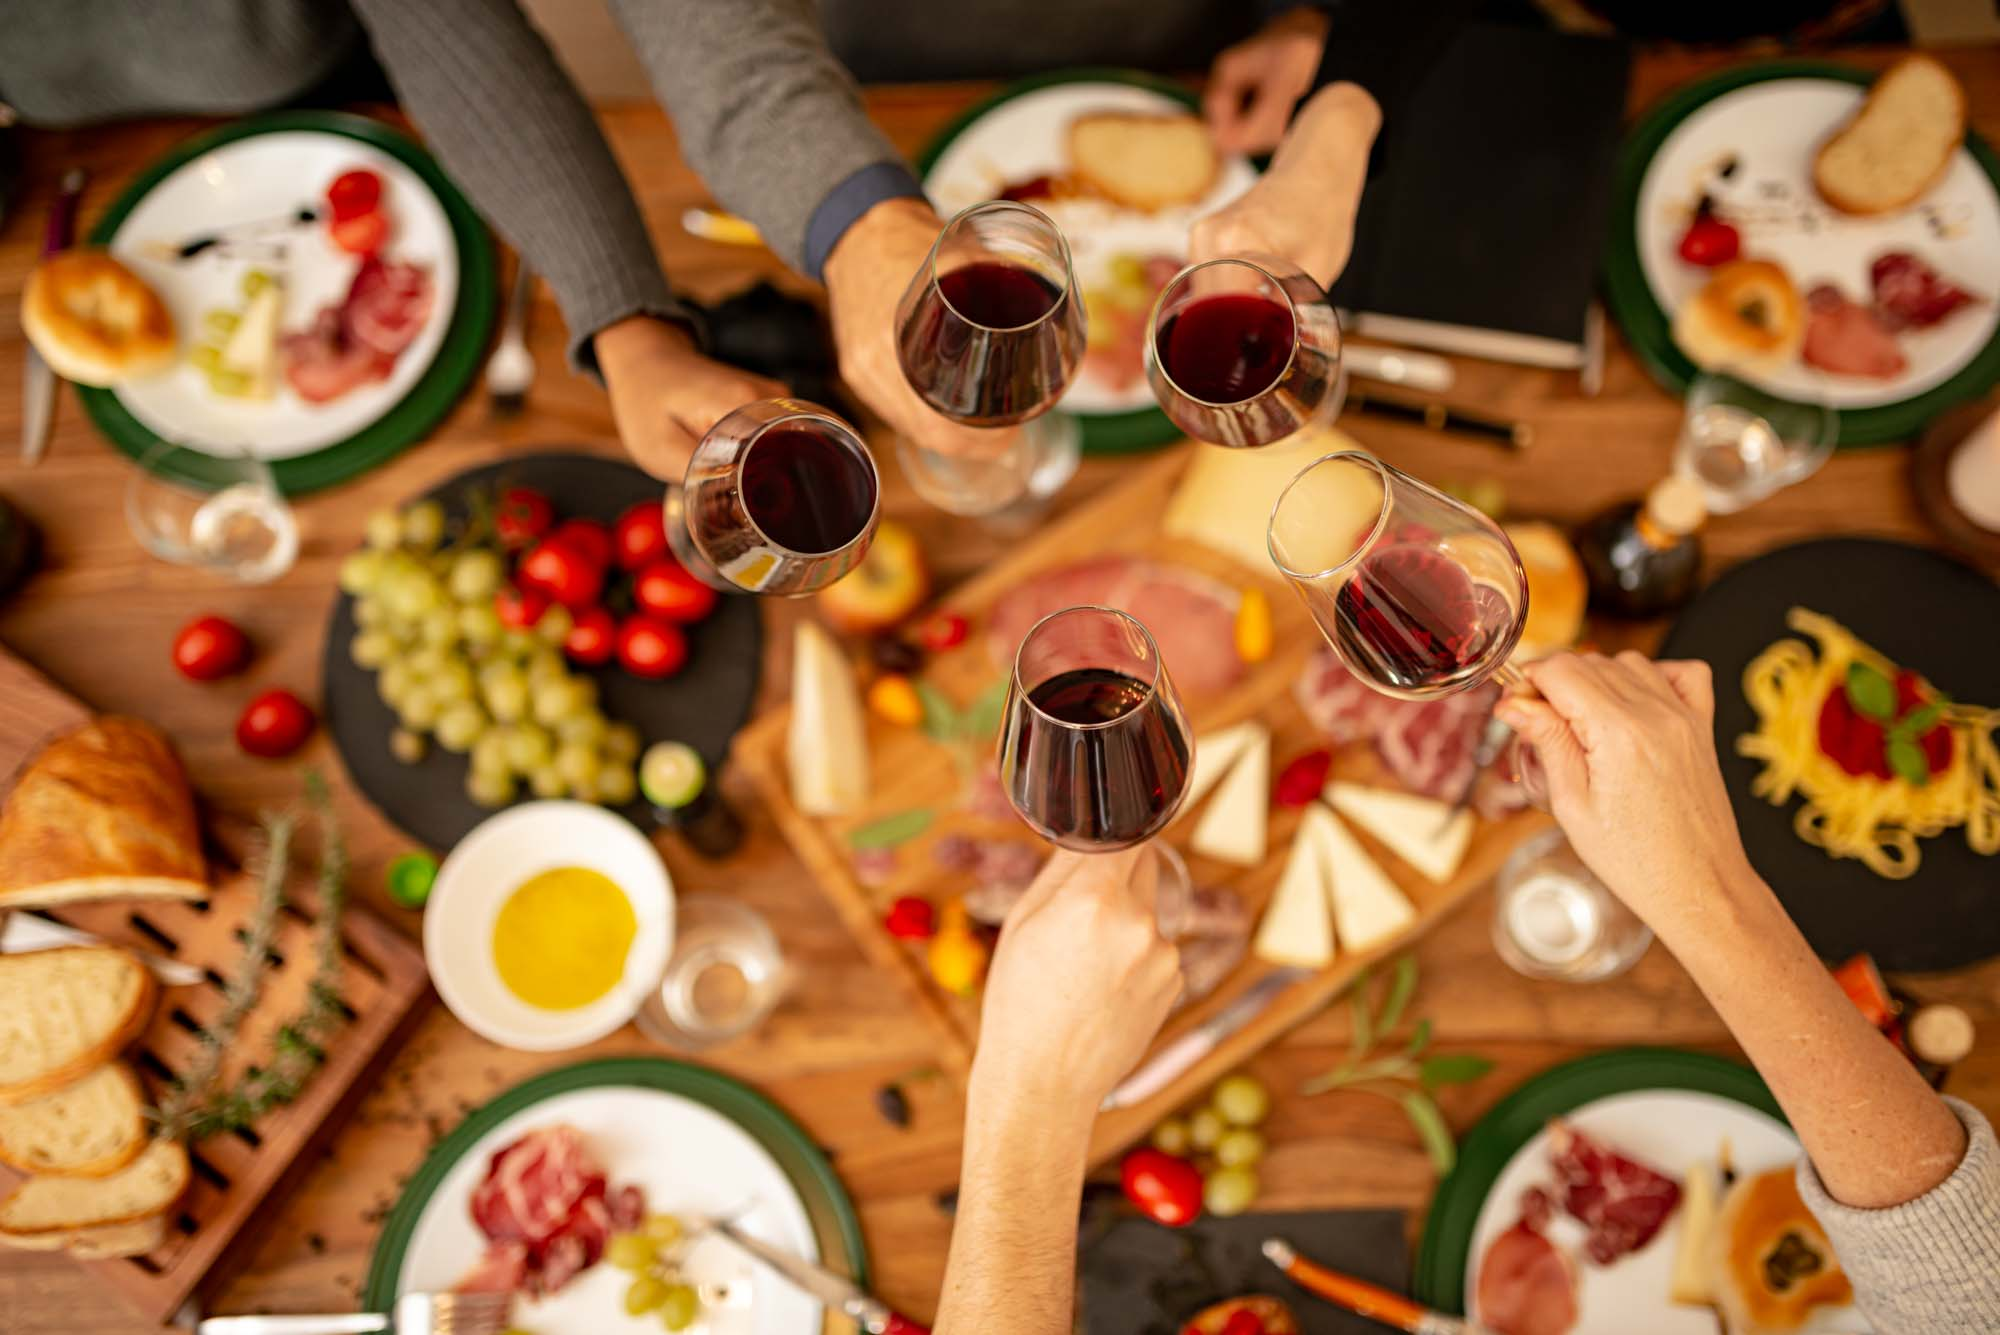 Corsi Di Cucina Formazione Manageriale a Salerno